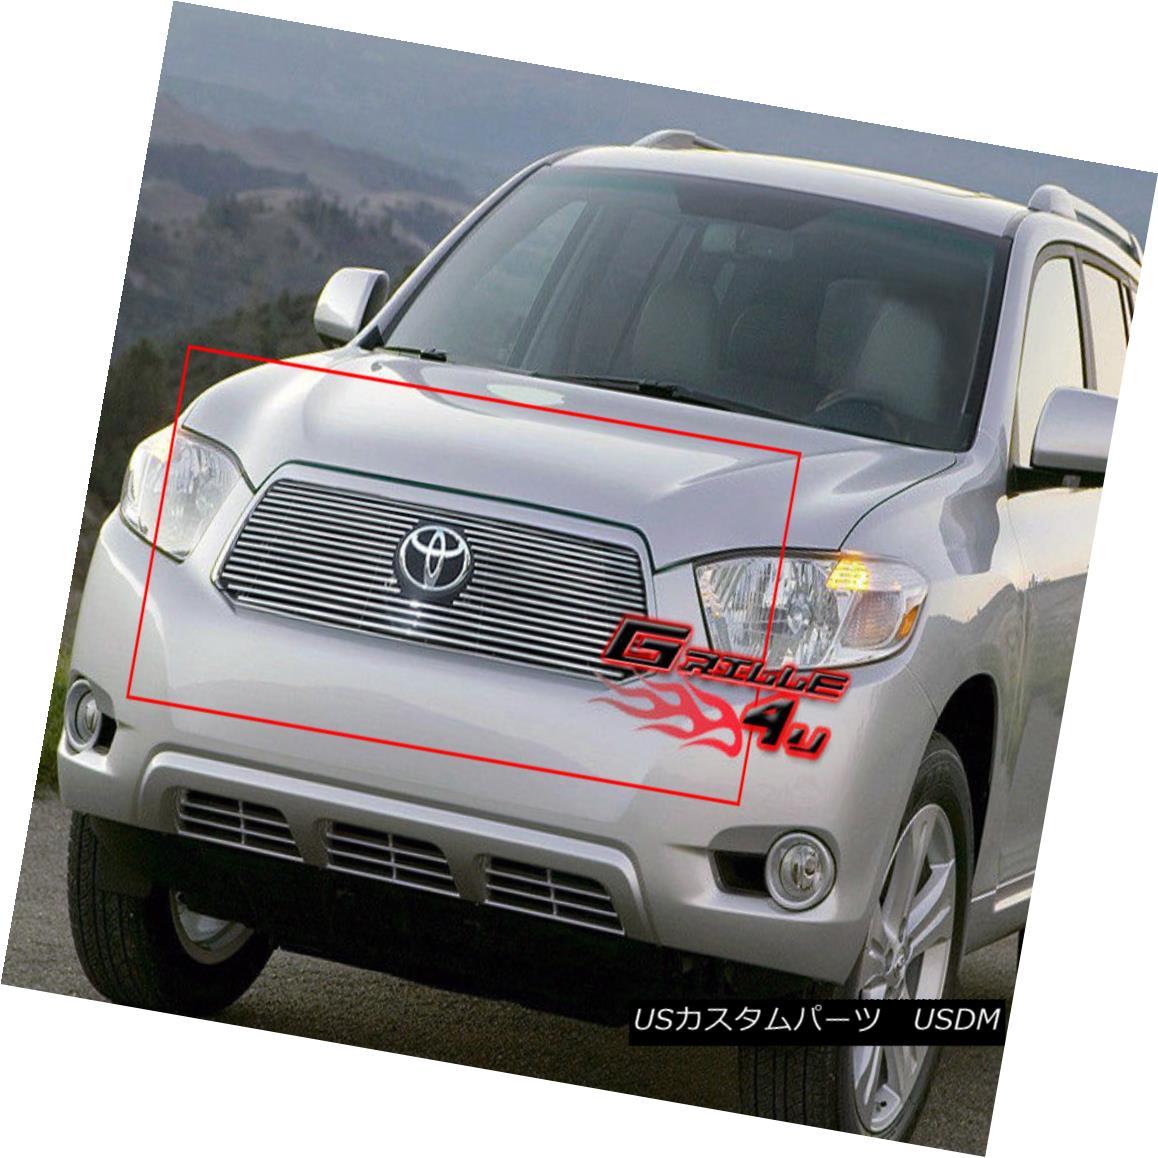 Fits 08-10 Toyota Highlander Hybrid Billet Grille Insert